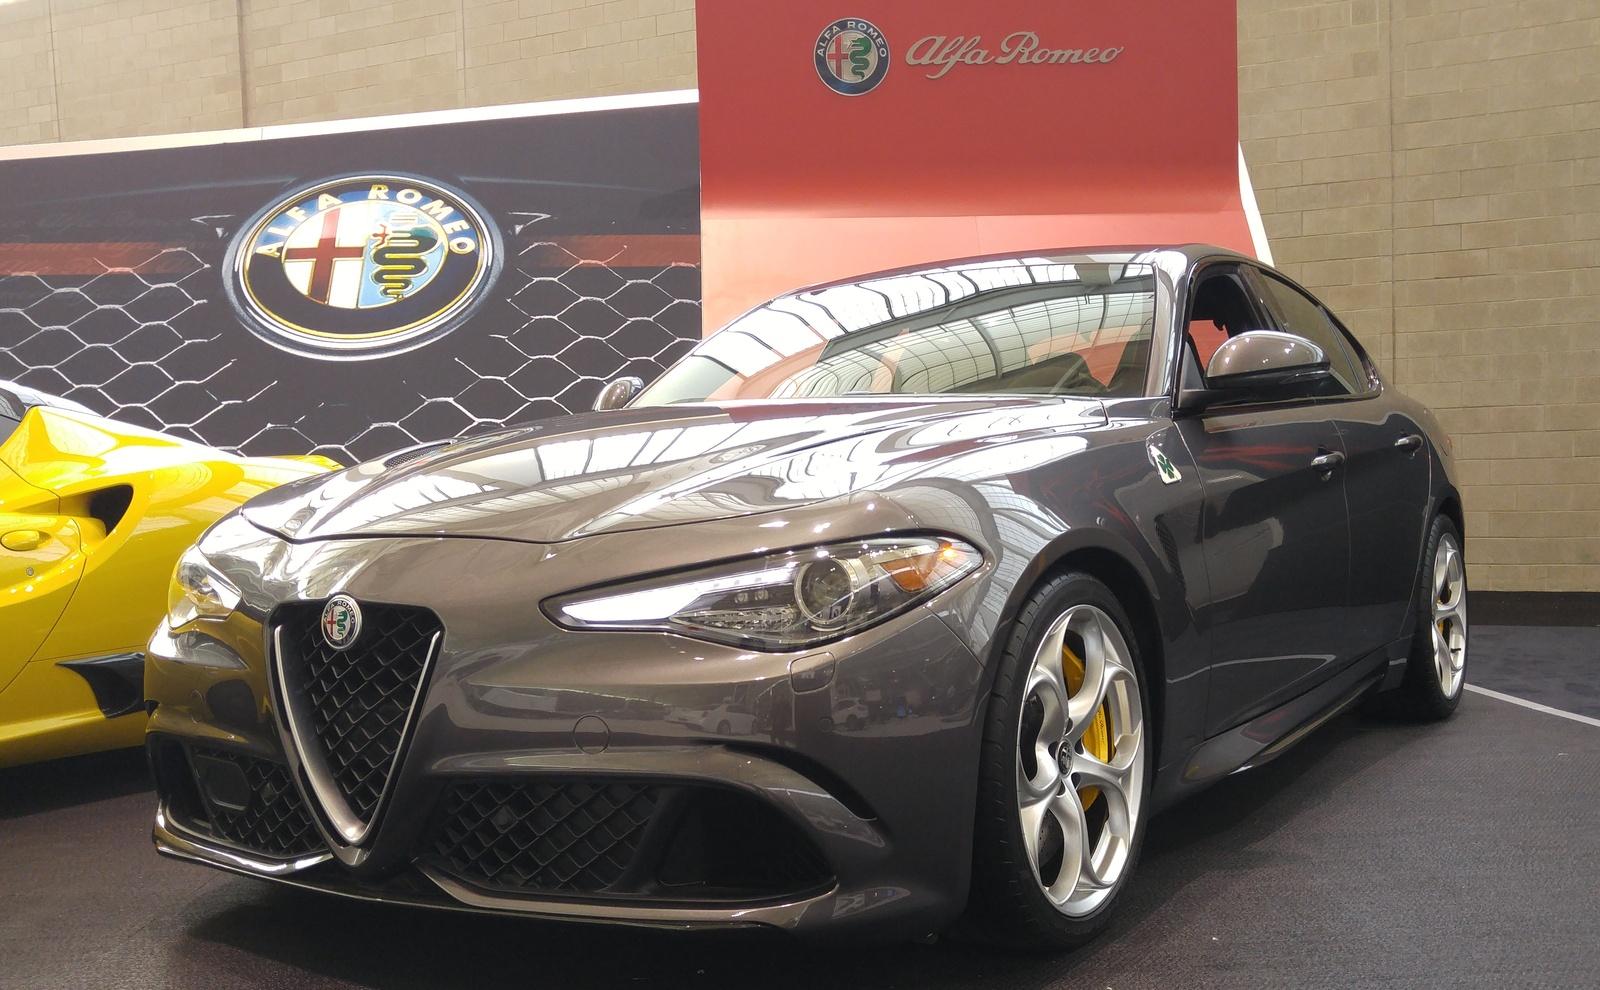 Alfa romeo giulietta quadrifoglio used for sale 11